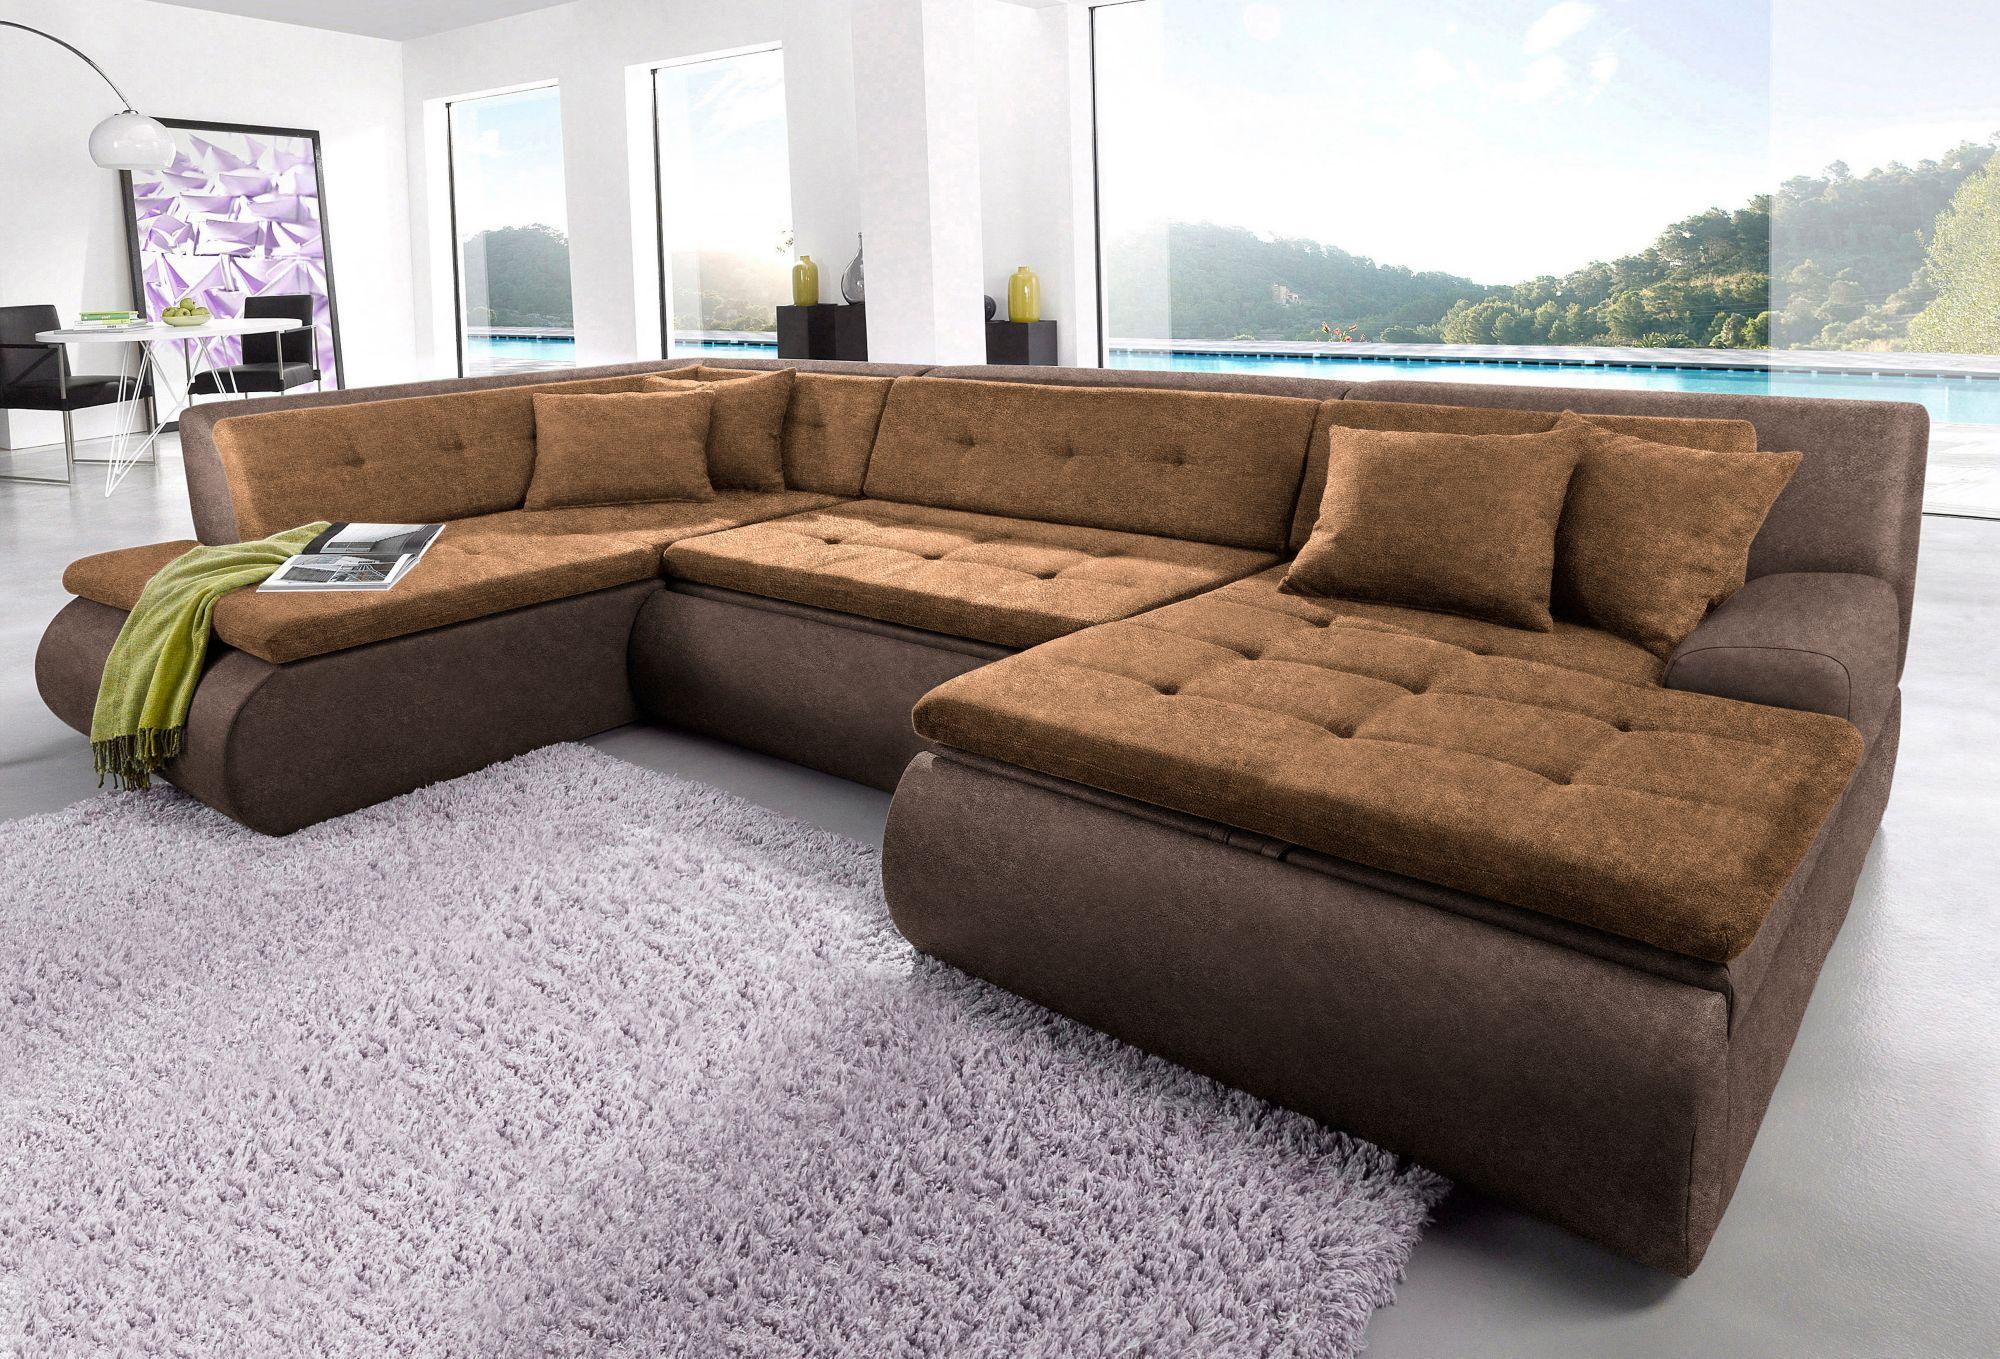 wohnlandschaft trendmanufaktur wahlweise mit bettfunktion schwab versand wohnlandschaften. Black Bedroom Furniture Sets. Home Design Ideas